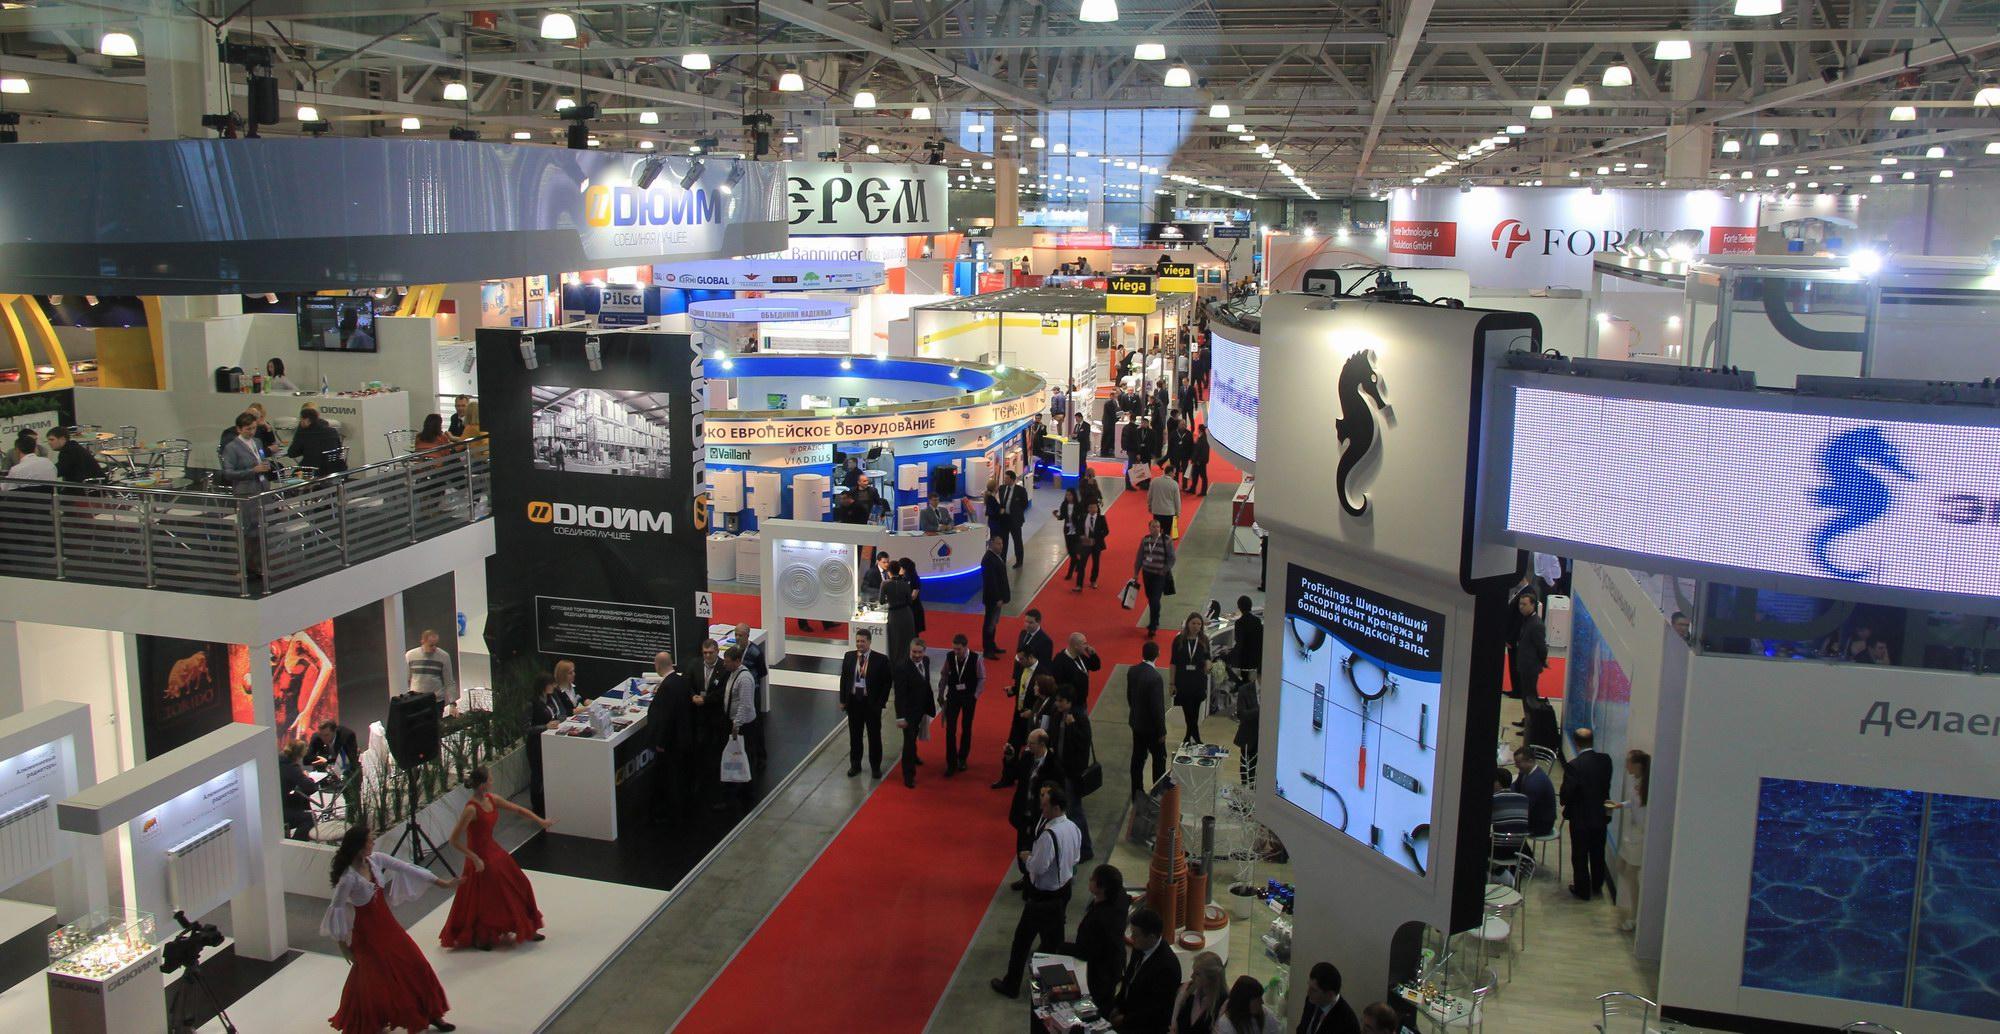 7 форум выставка москвичам здоровый образ жизни